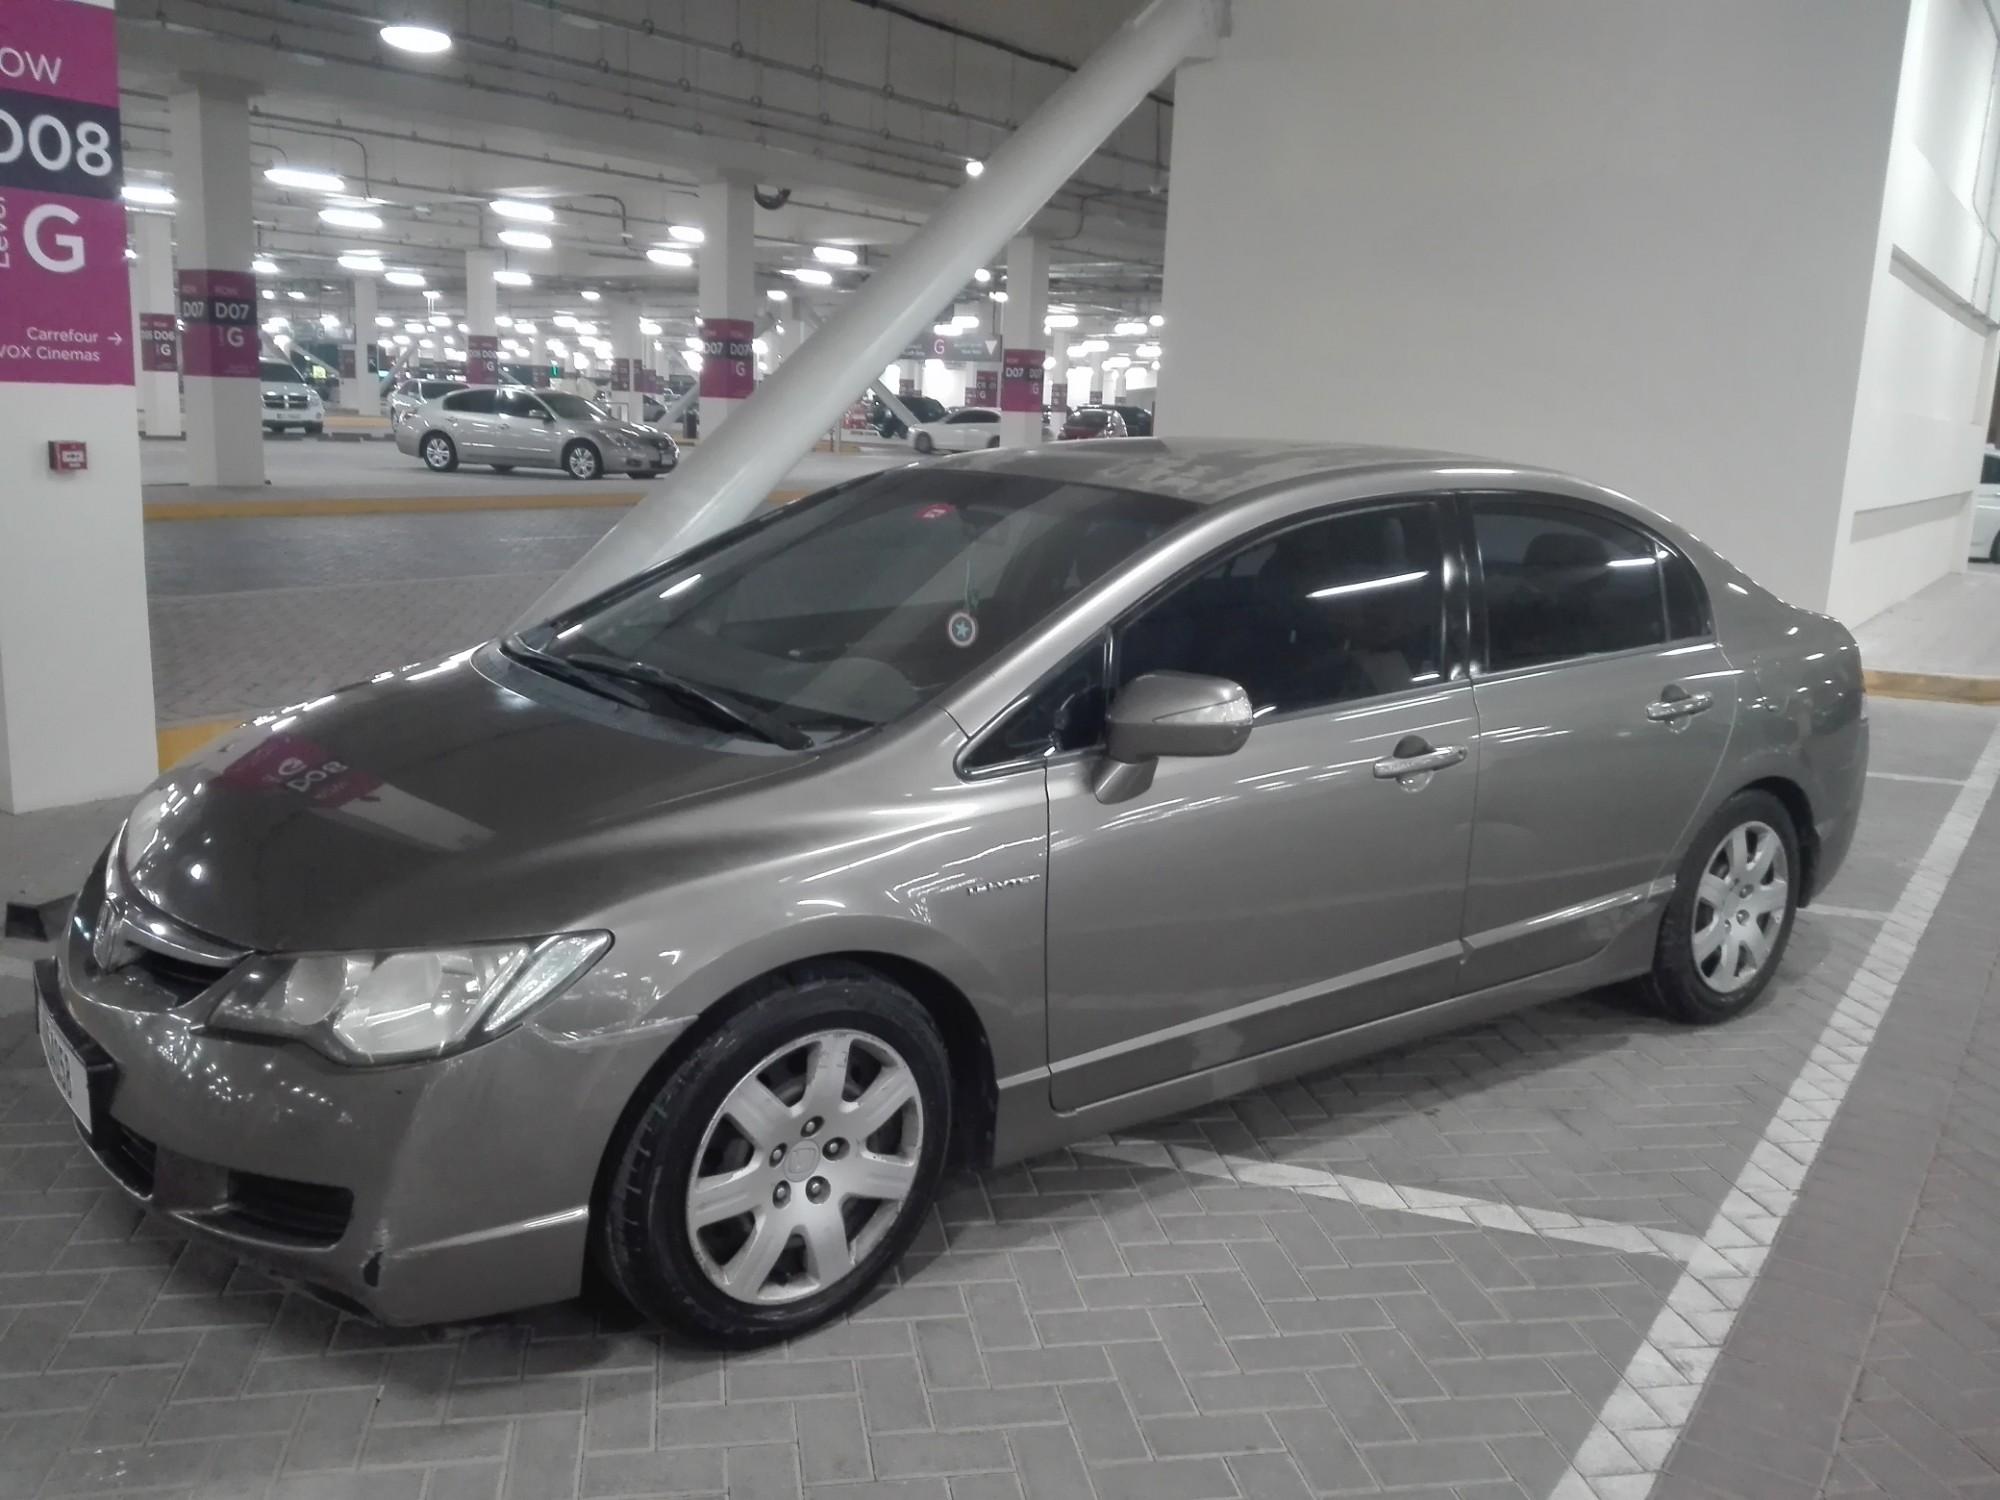 Kelebihan Kekurangan Honda 2008 Tangguh